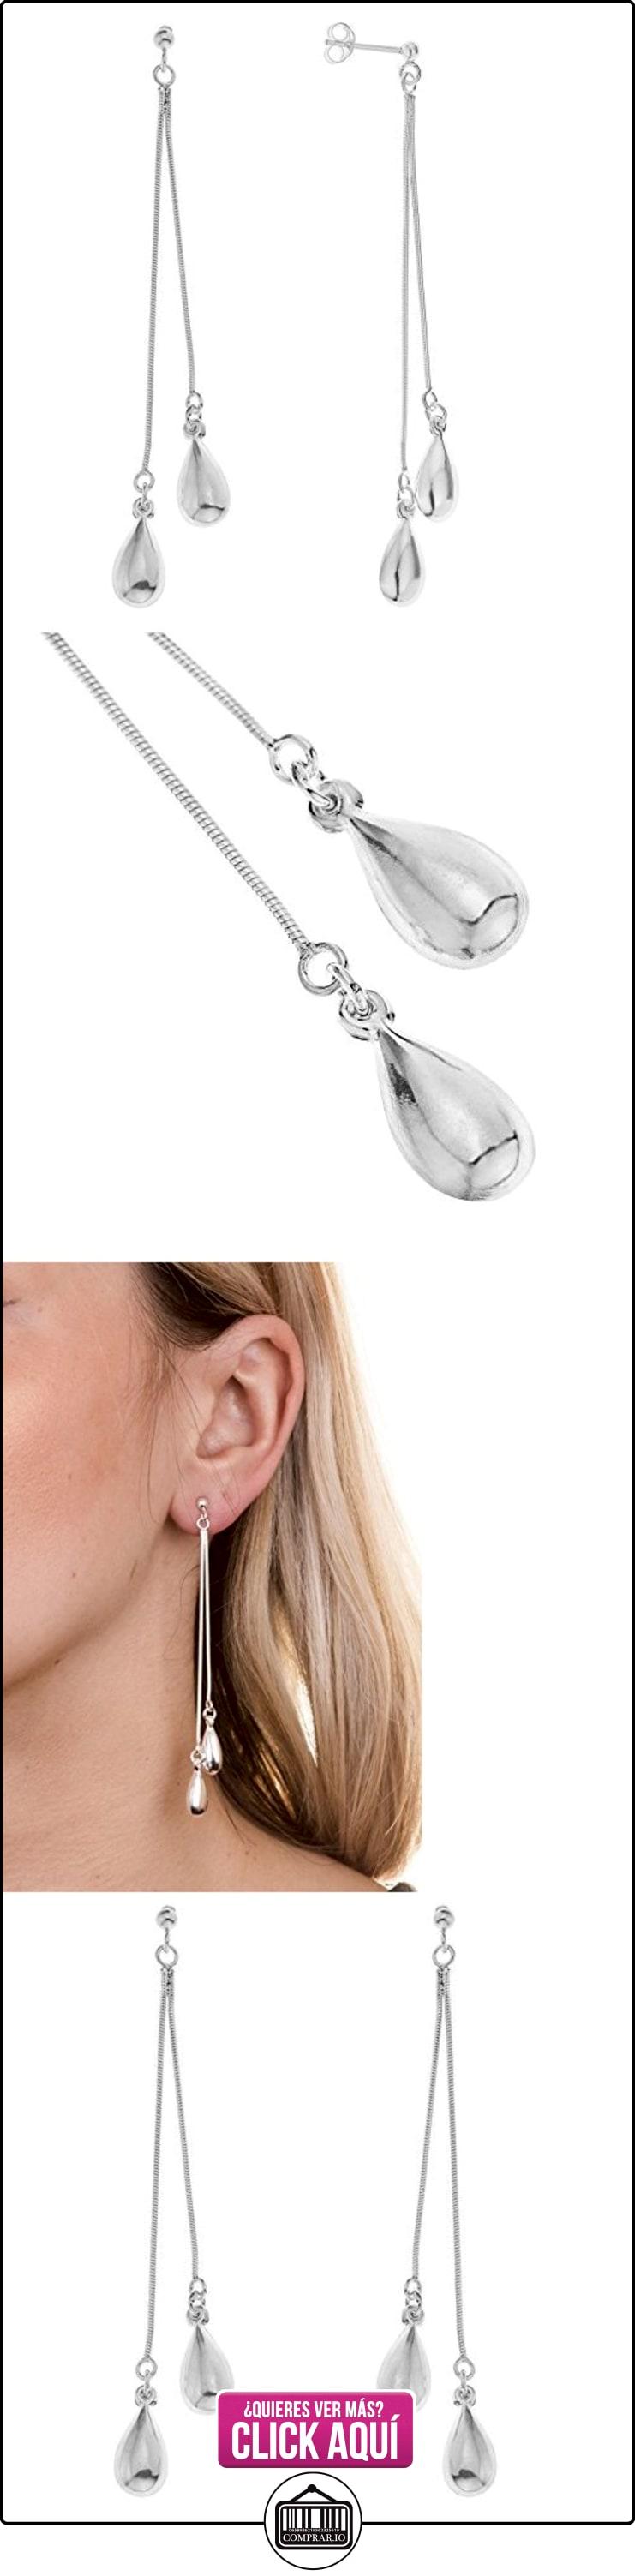 Boucles d'oreille - A13 BEN603159 - Pendientes de mujer de plata, 8 cm  ✿ Joyas para mujer - Las mejores ofertas ✿ ▬► Ver oferta: http://comprar.io/goto/B000RFBQ2Y